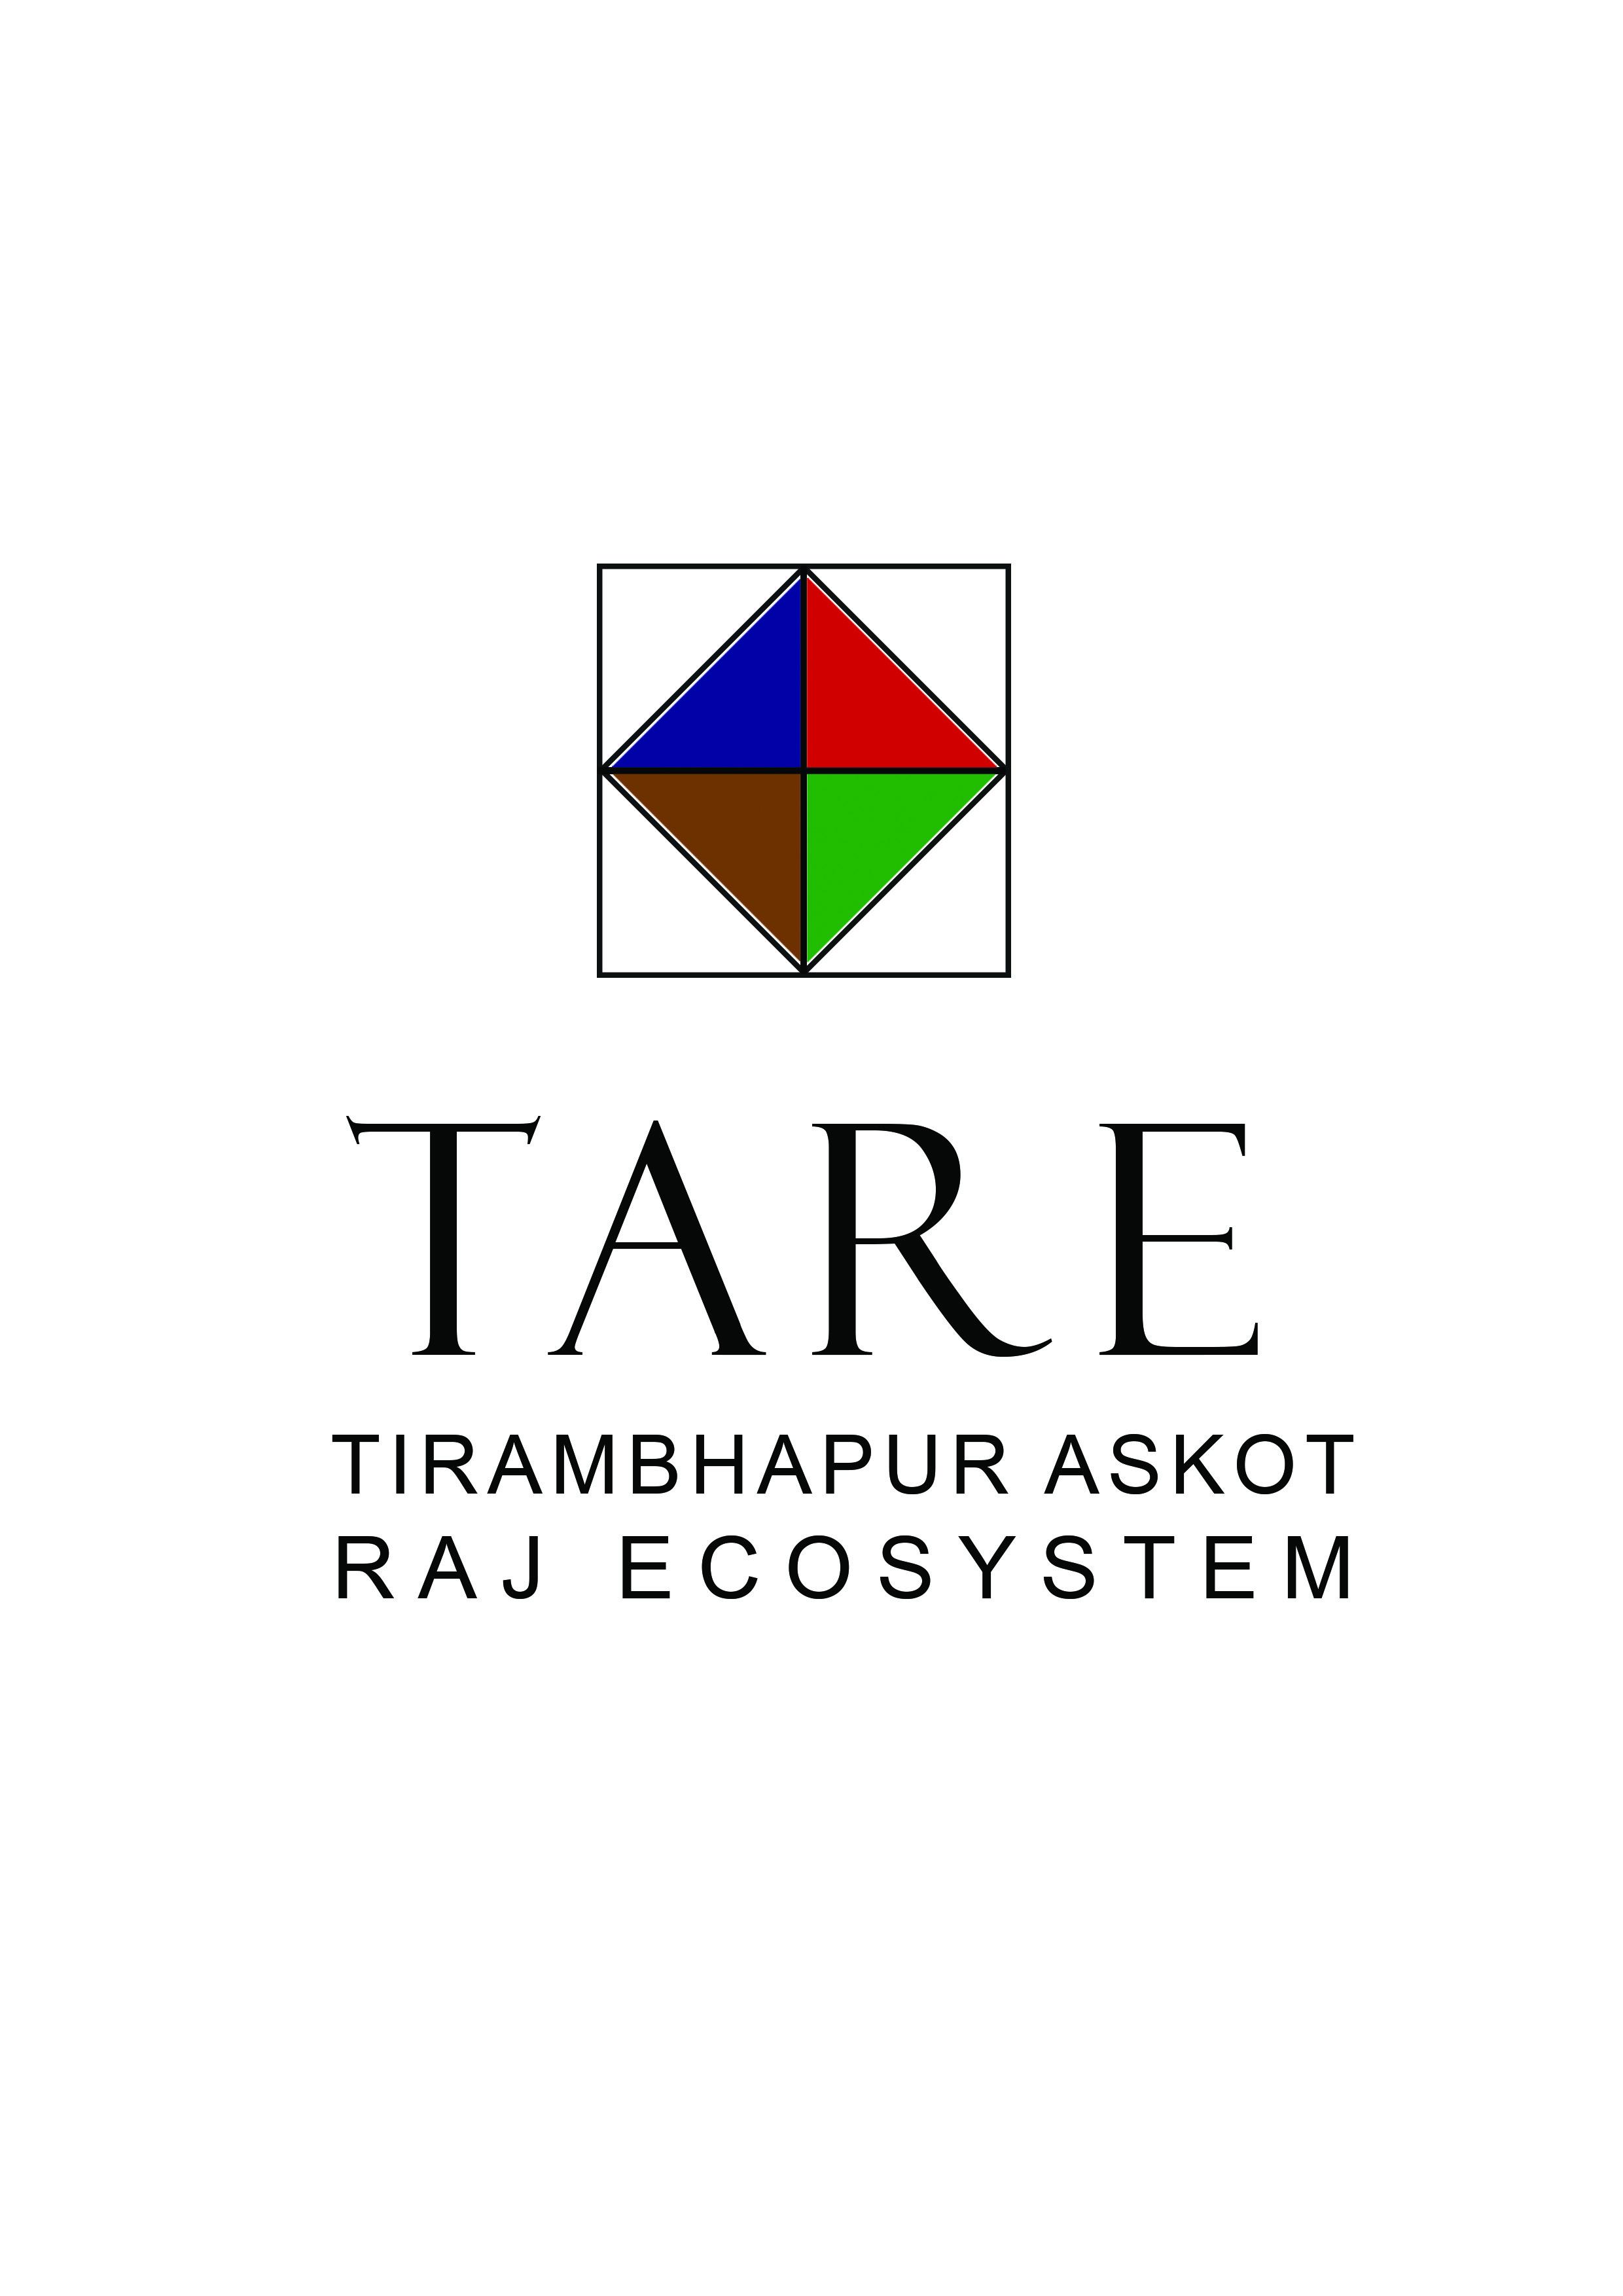 Tirambhapur Askote Raj Ecosystem Pvt. Ltd.